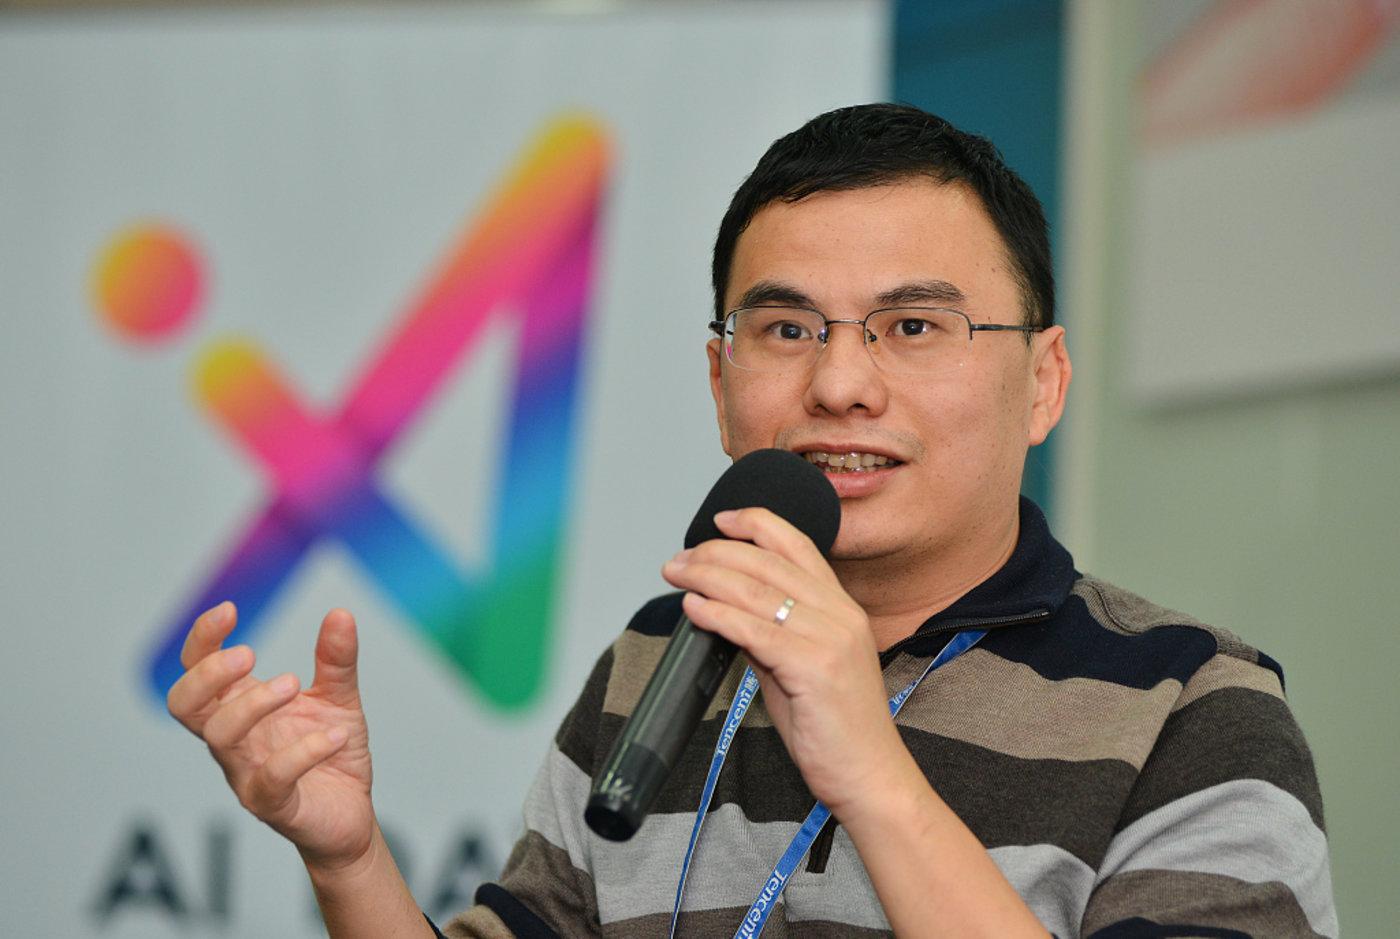 腾讯主要创始人、前 CTO 张志东。图片来源:视觉中国